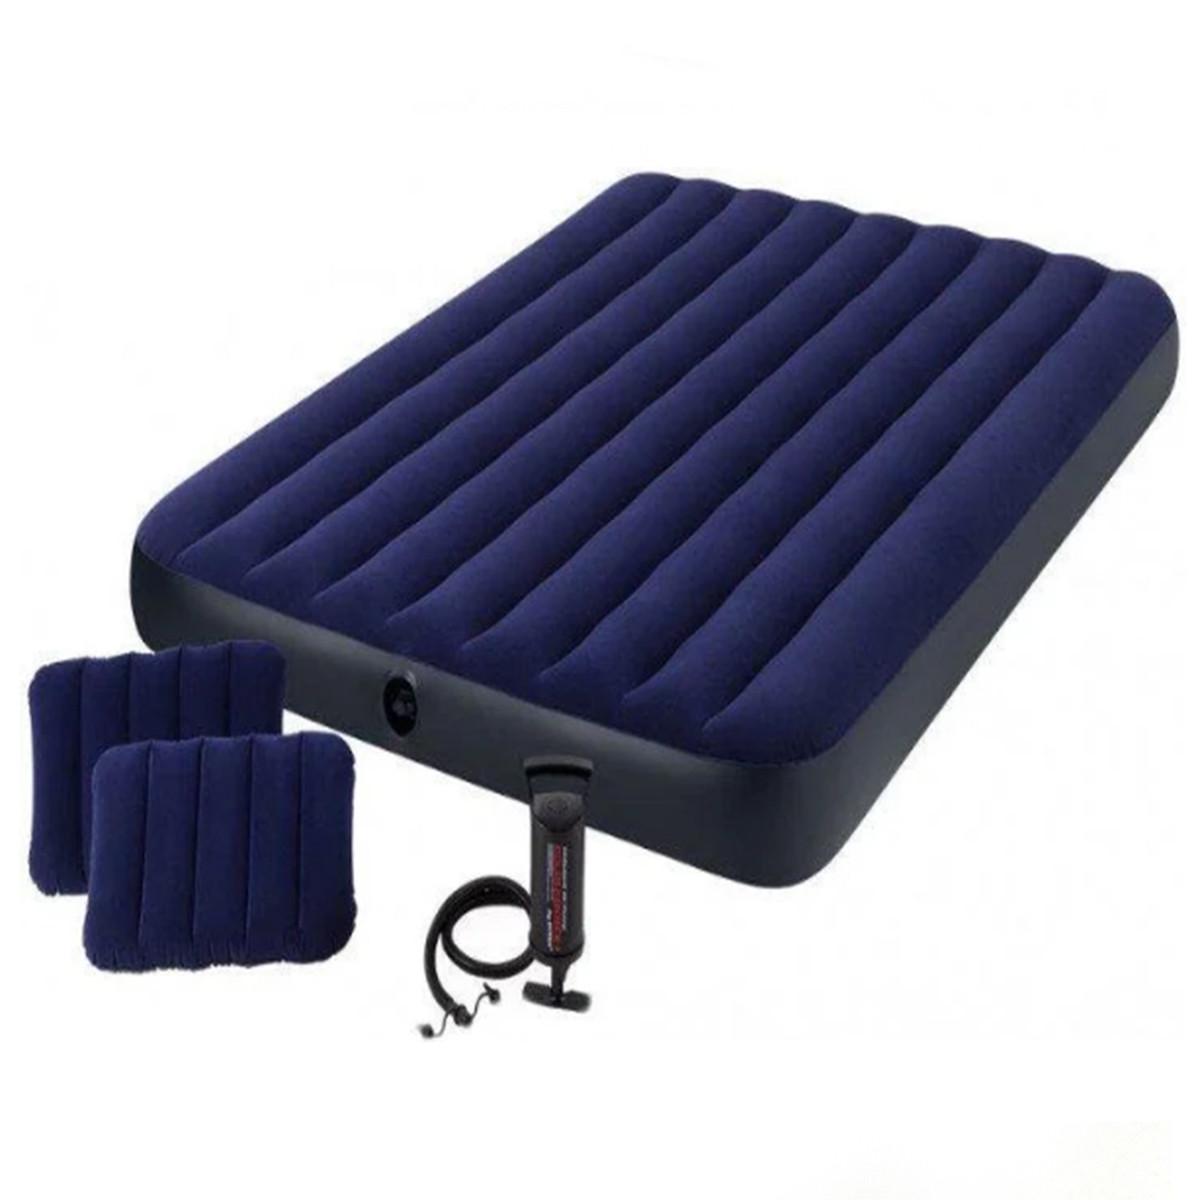 Матрац надувний Intex з насосом + дві подушки 203 х 152 х 25 см